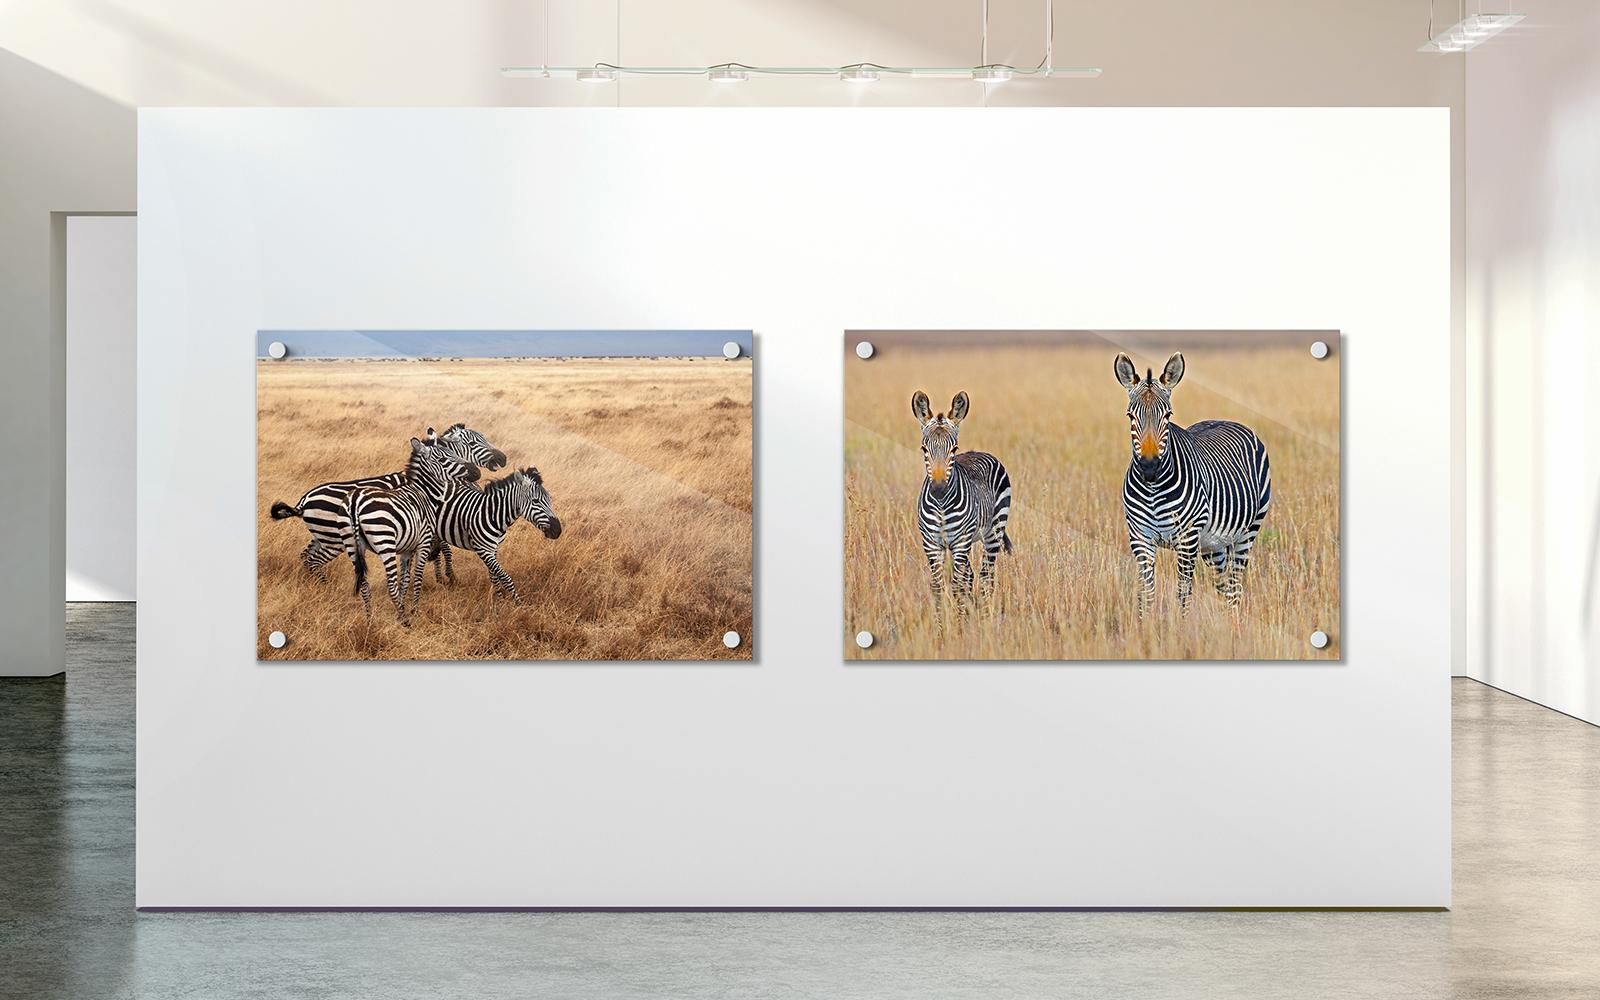 twee foto's van zebra's in galerie